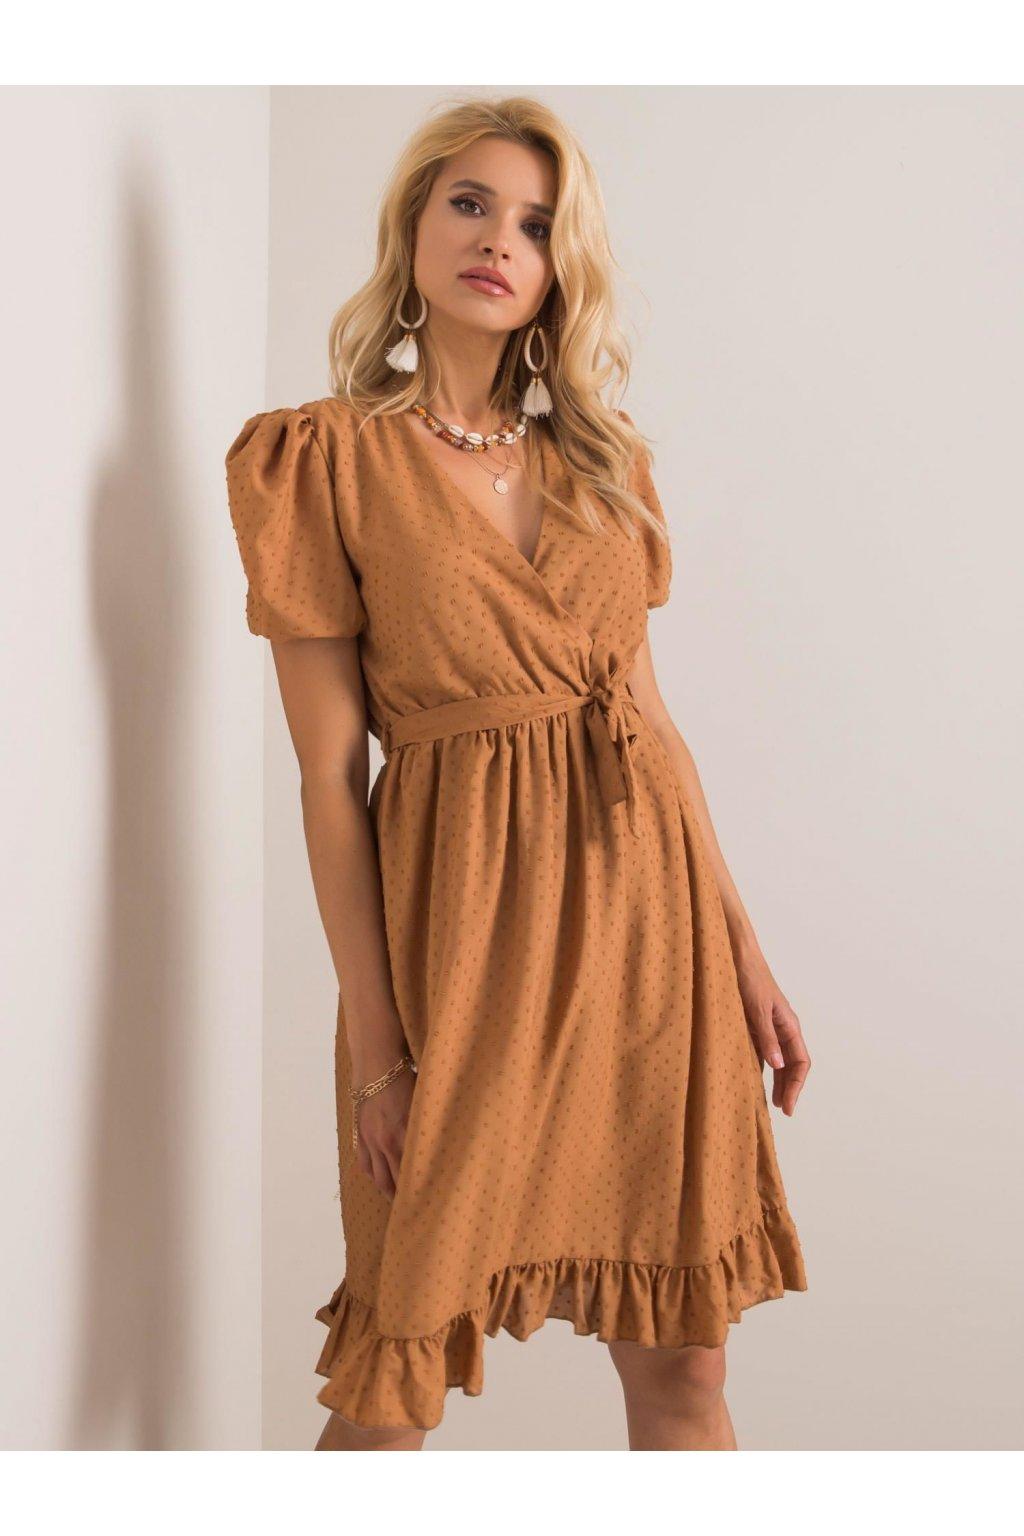 pol pl Jasnobrazowa sukienka Colette RUE PARIS 352104 1